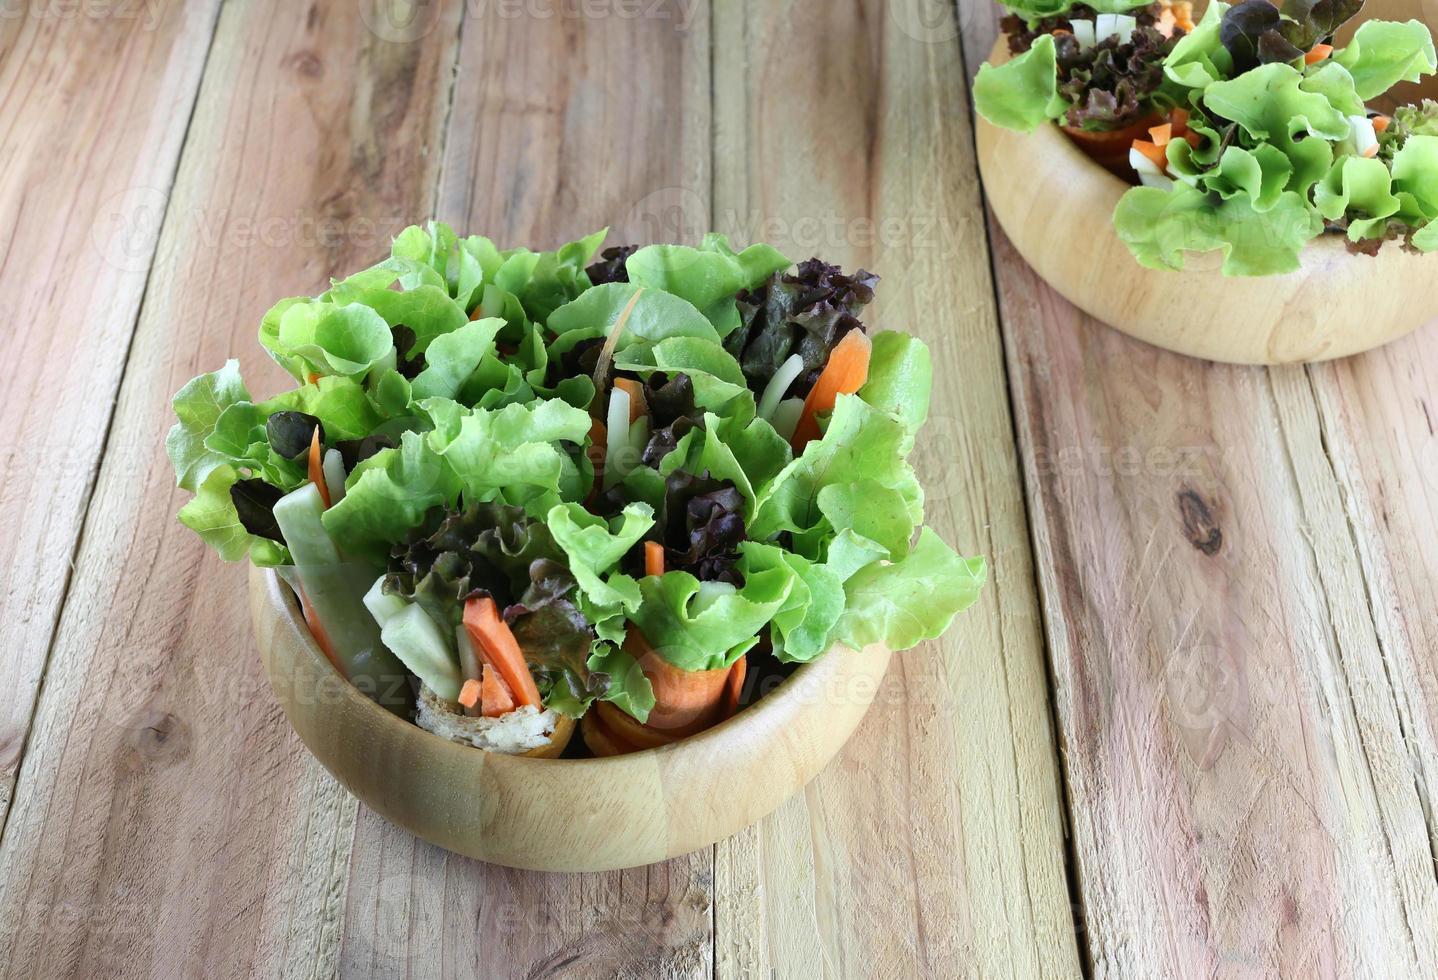 groentesalade in houten kom. foto